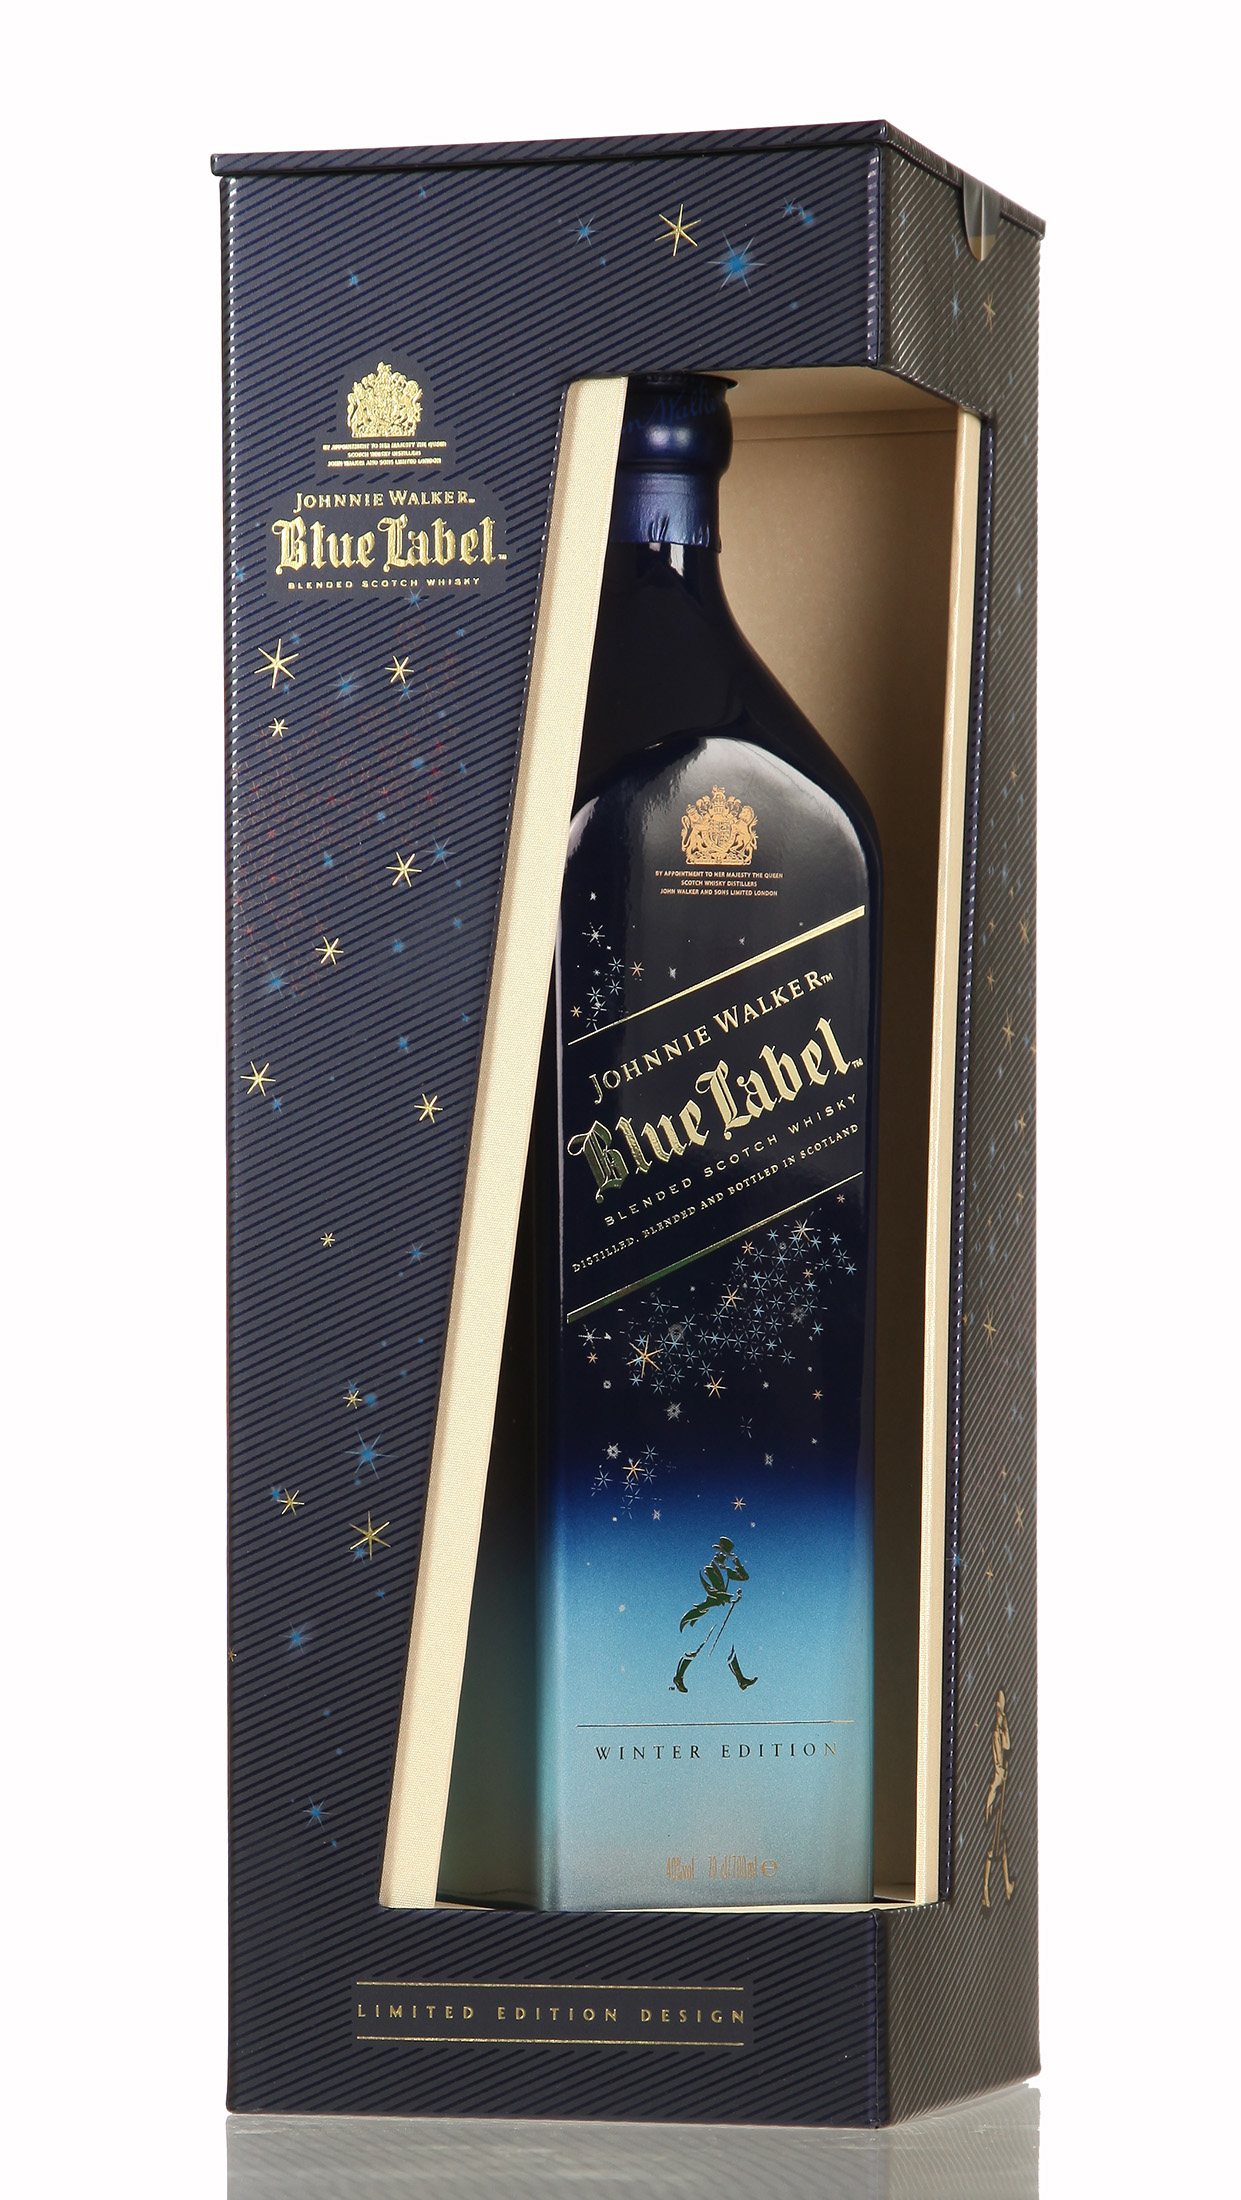 Johnnie Walker Blue Label Winter Edition